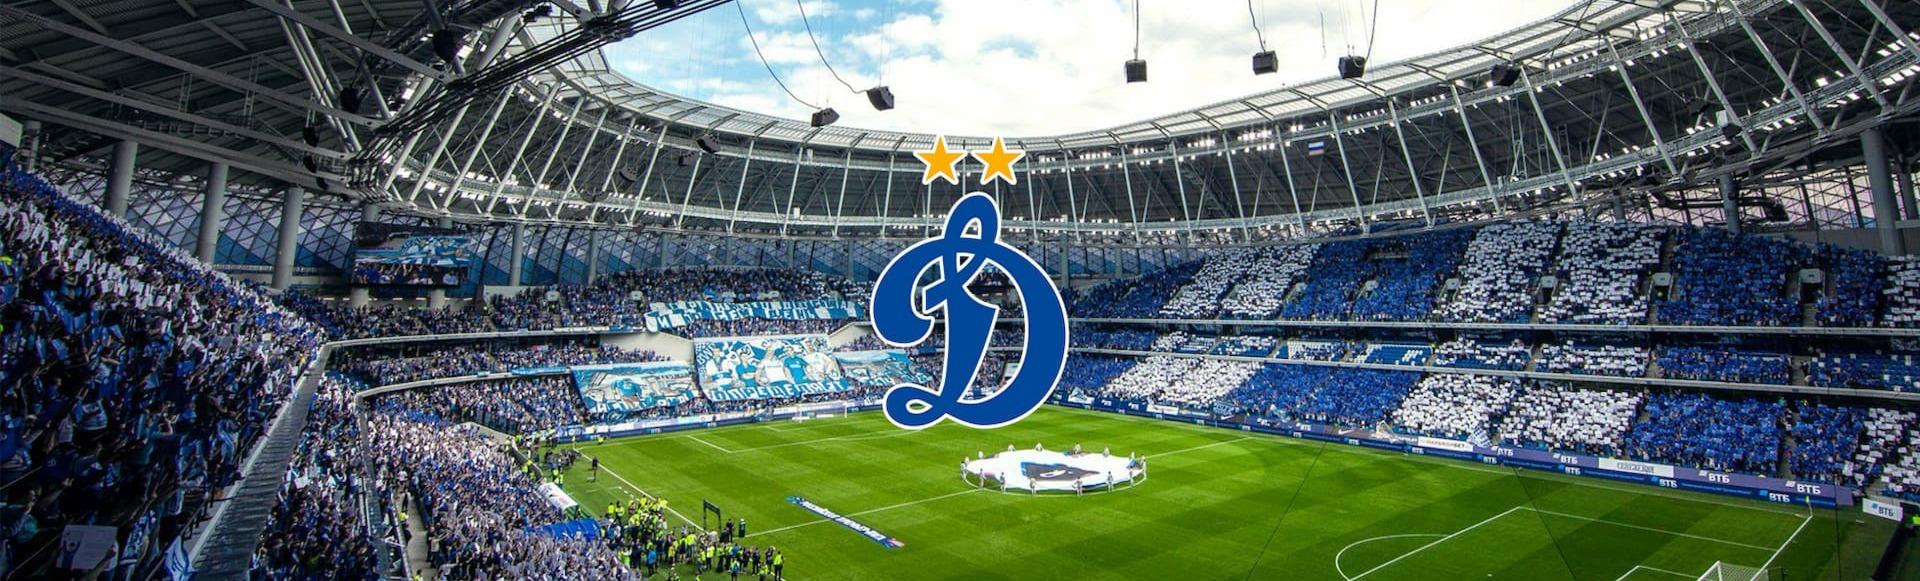 сайт динамо москва футбольный клуб купить билеты